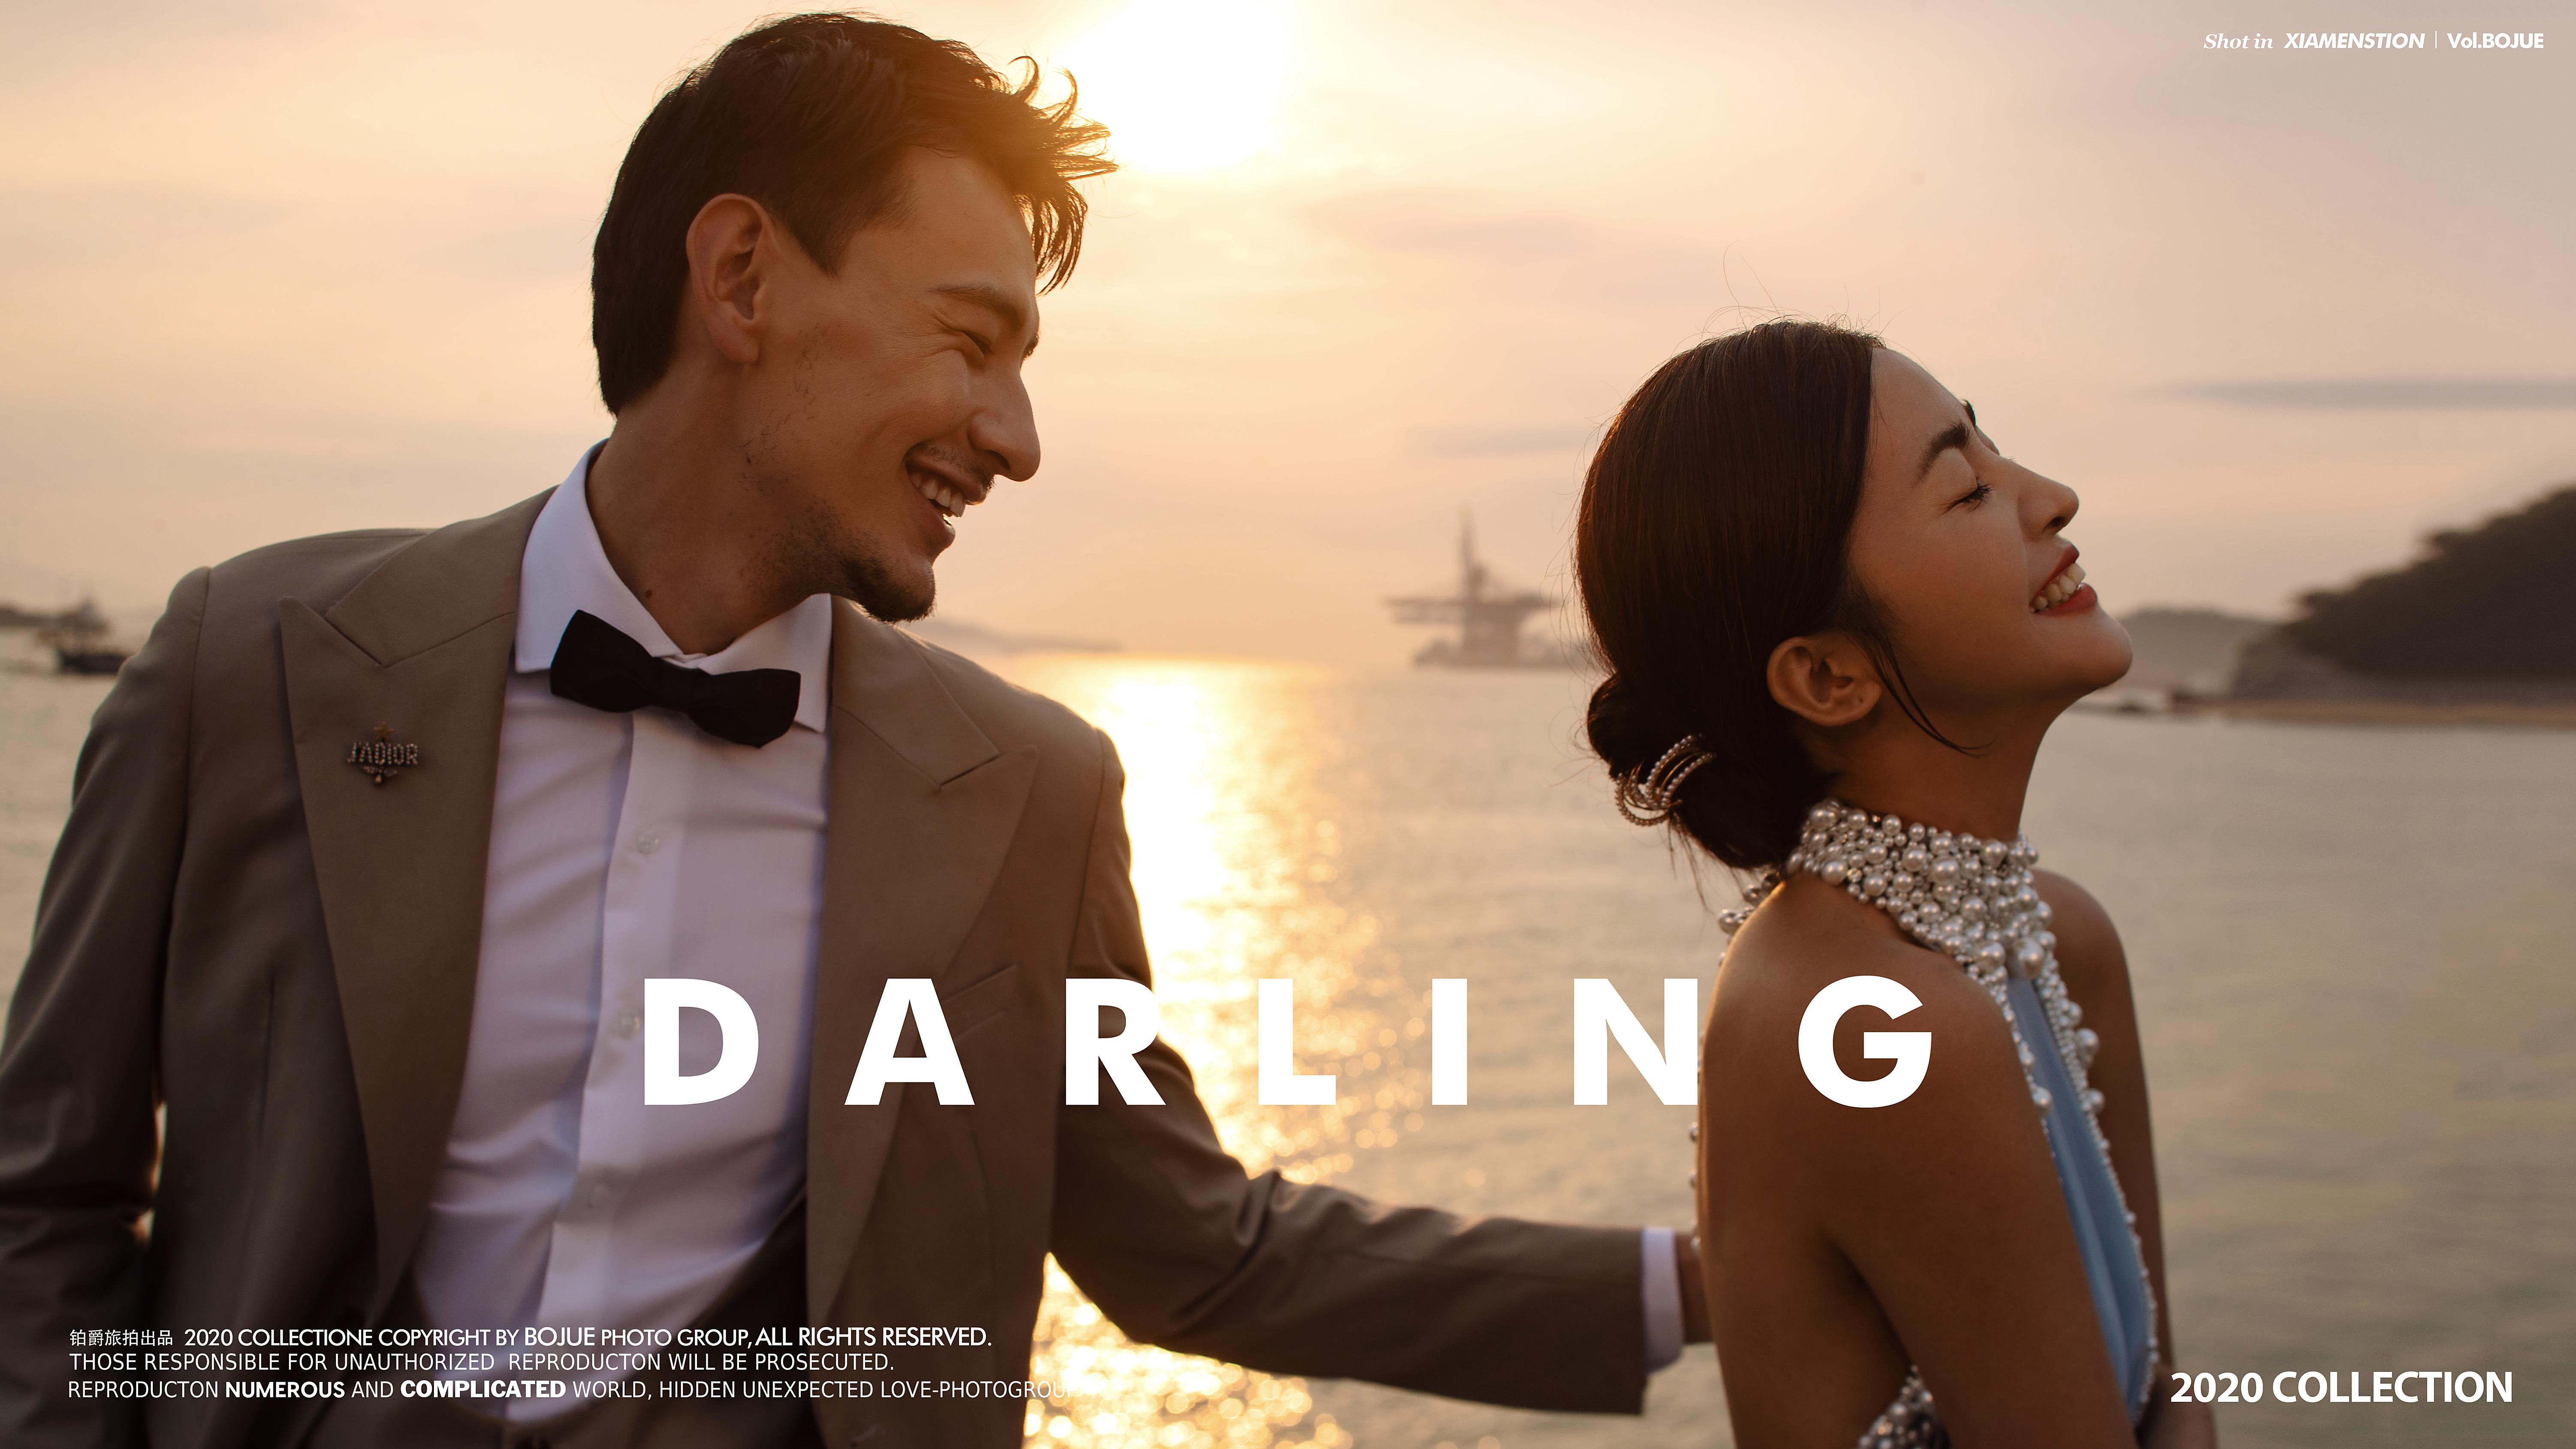 拍婚纱照穿什么内衣比较好 应该怎么选择衣服